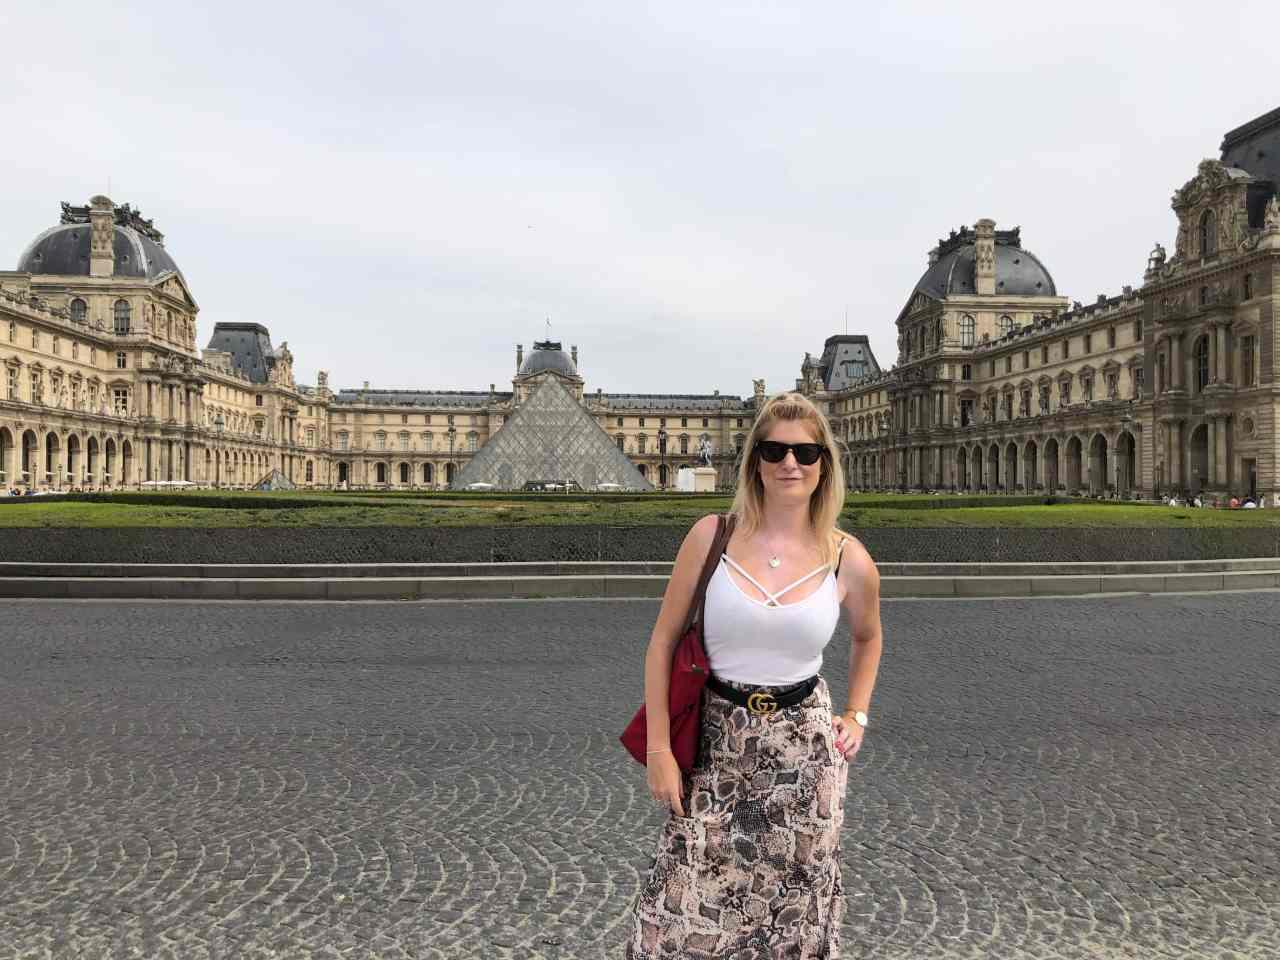 The louvre Paris no people